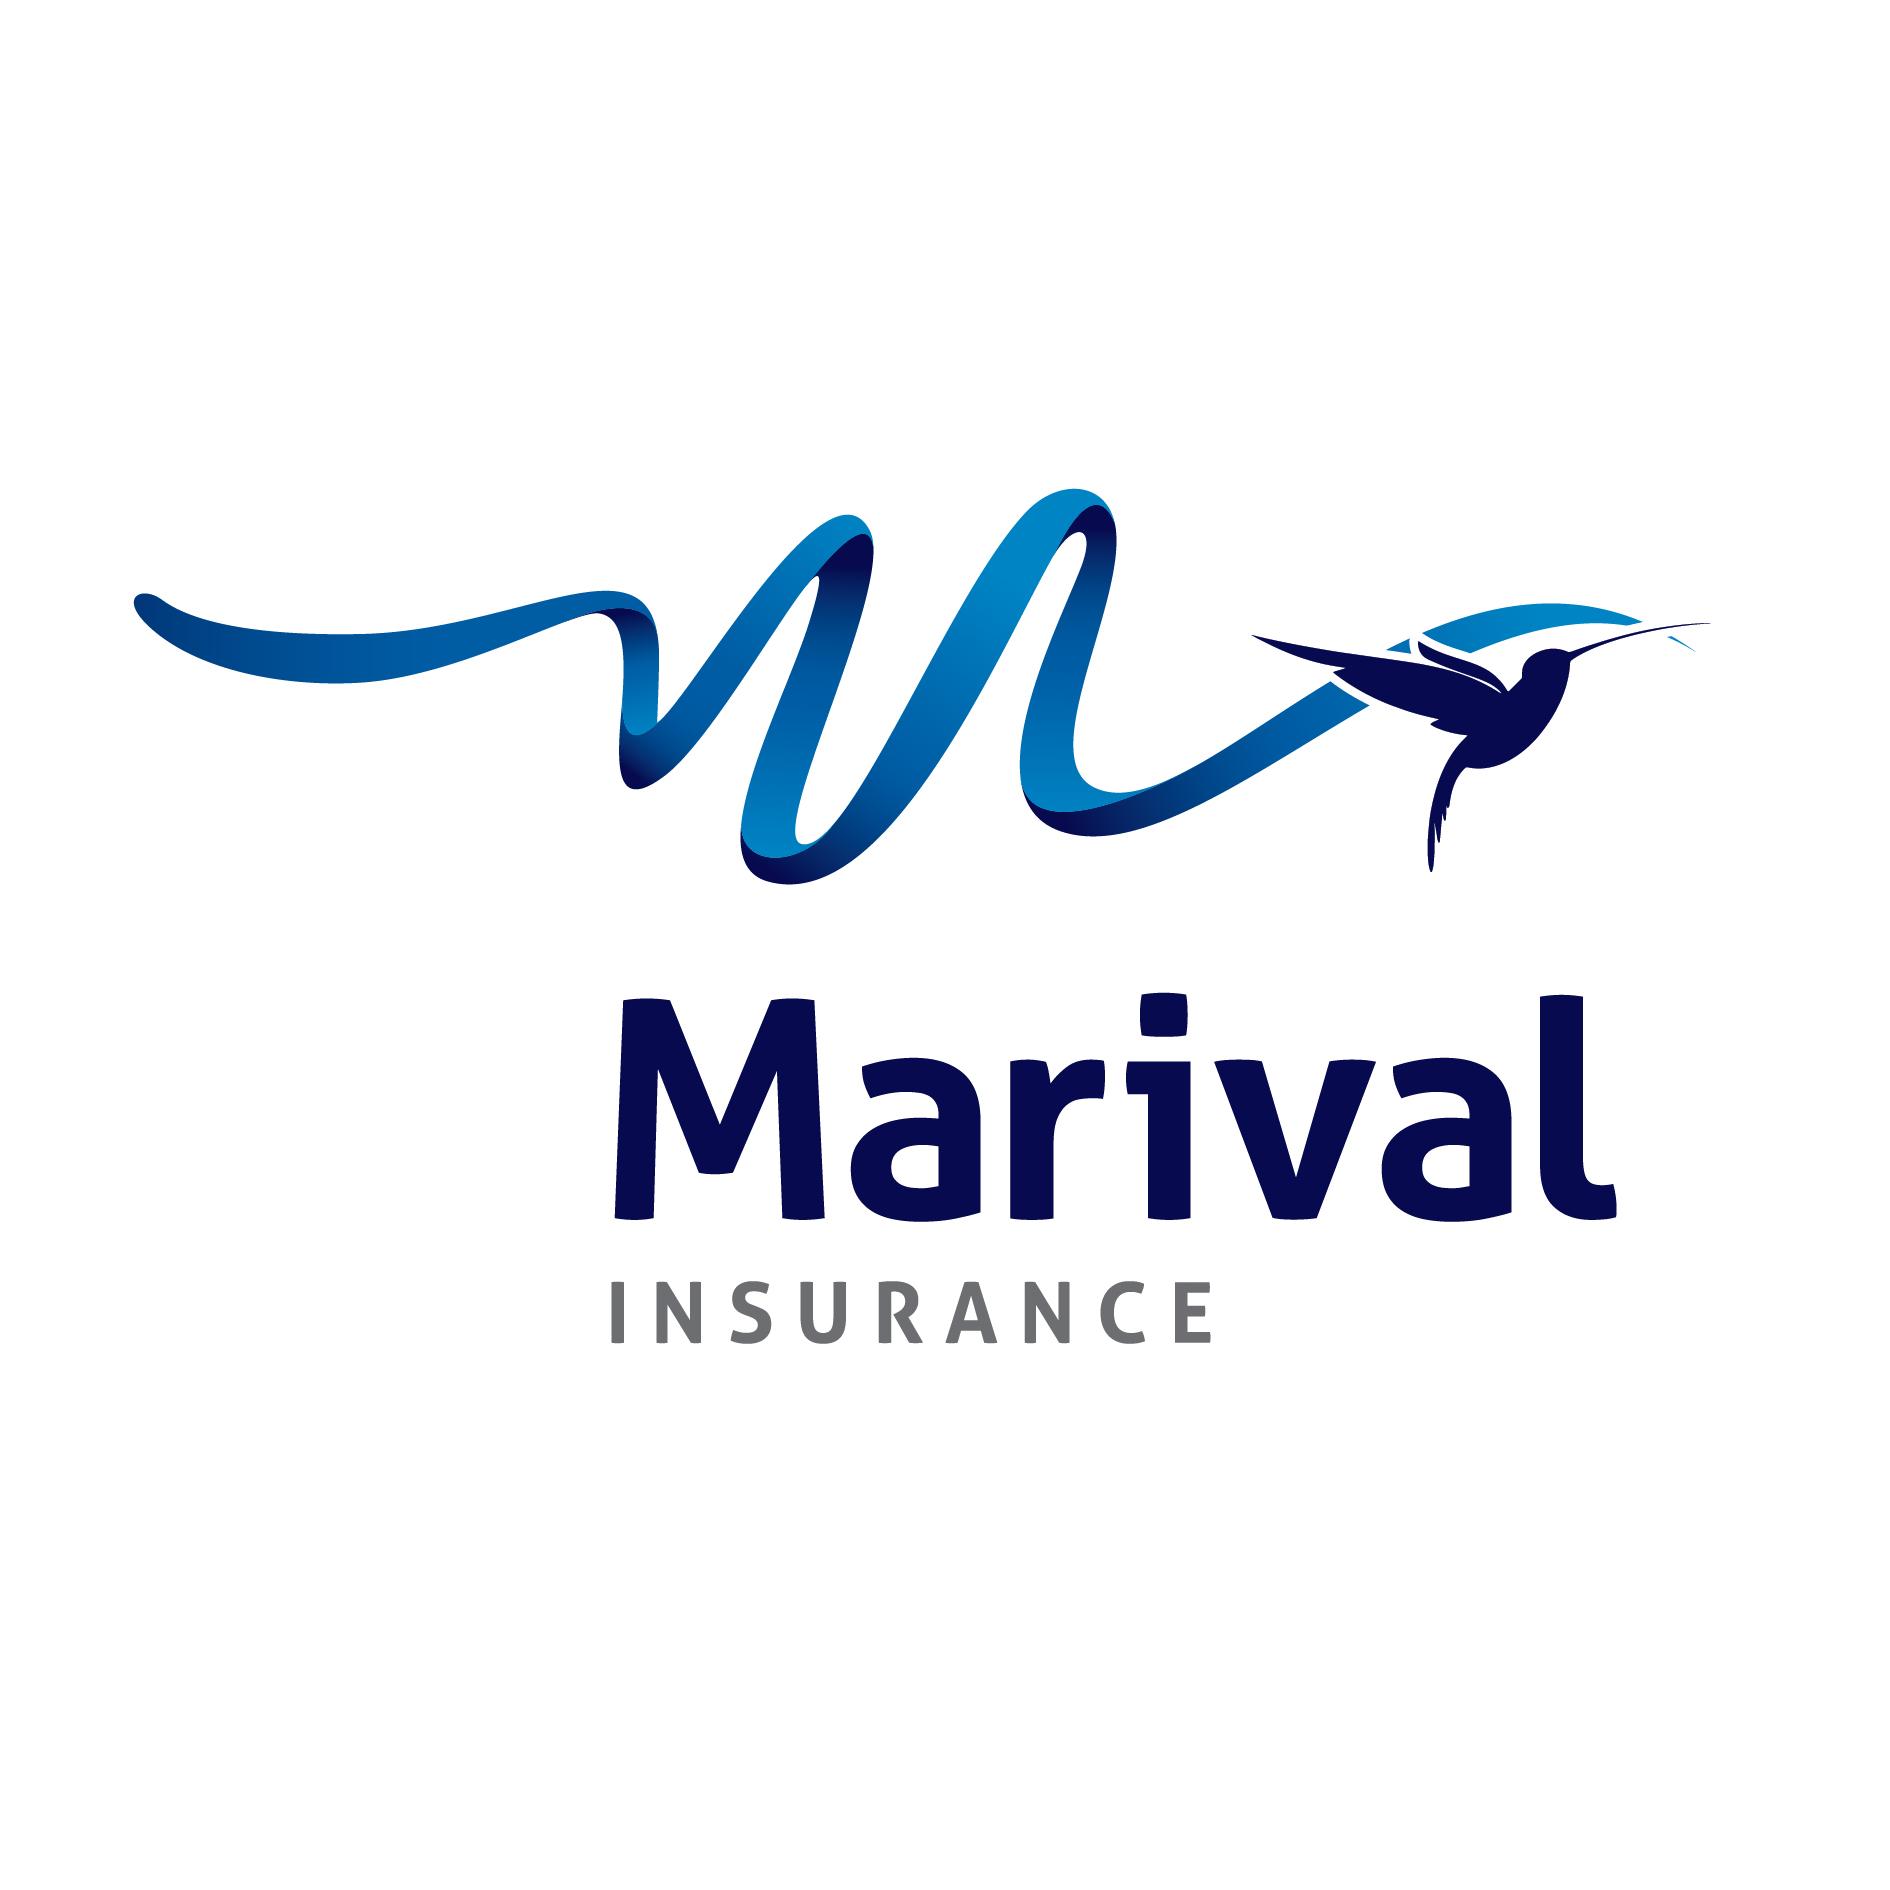 Marival Insurance